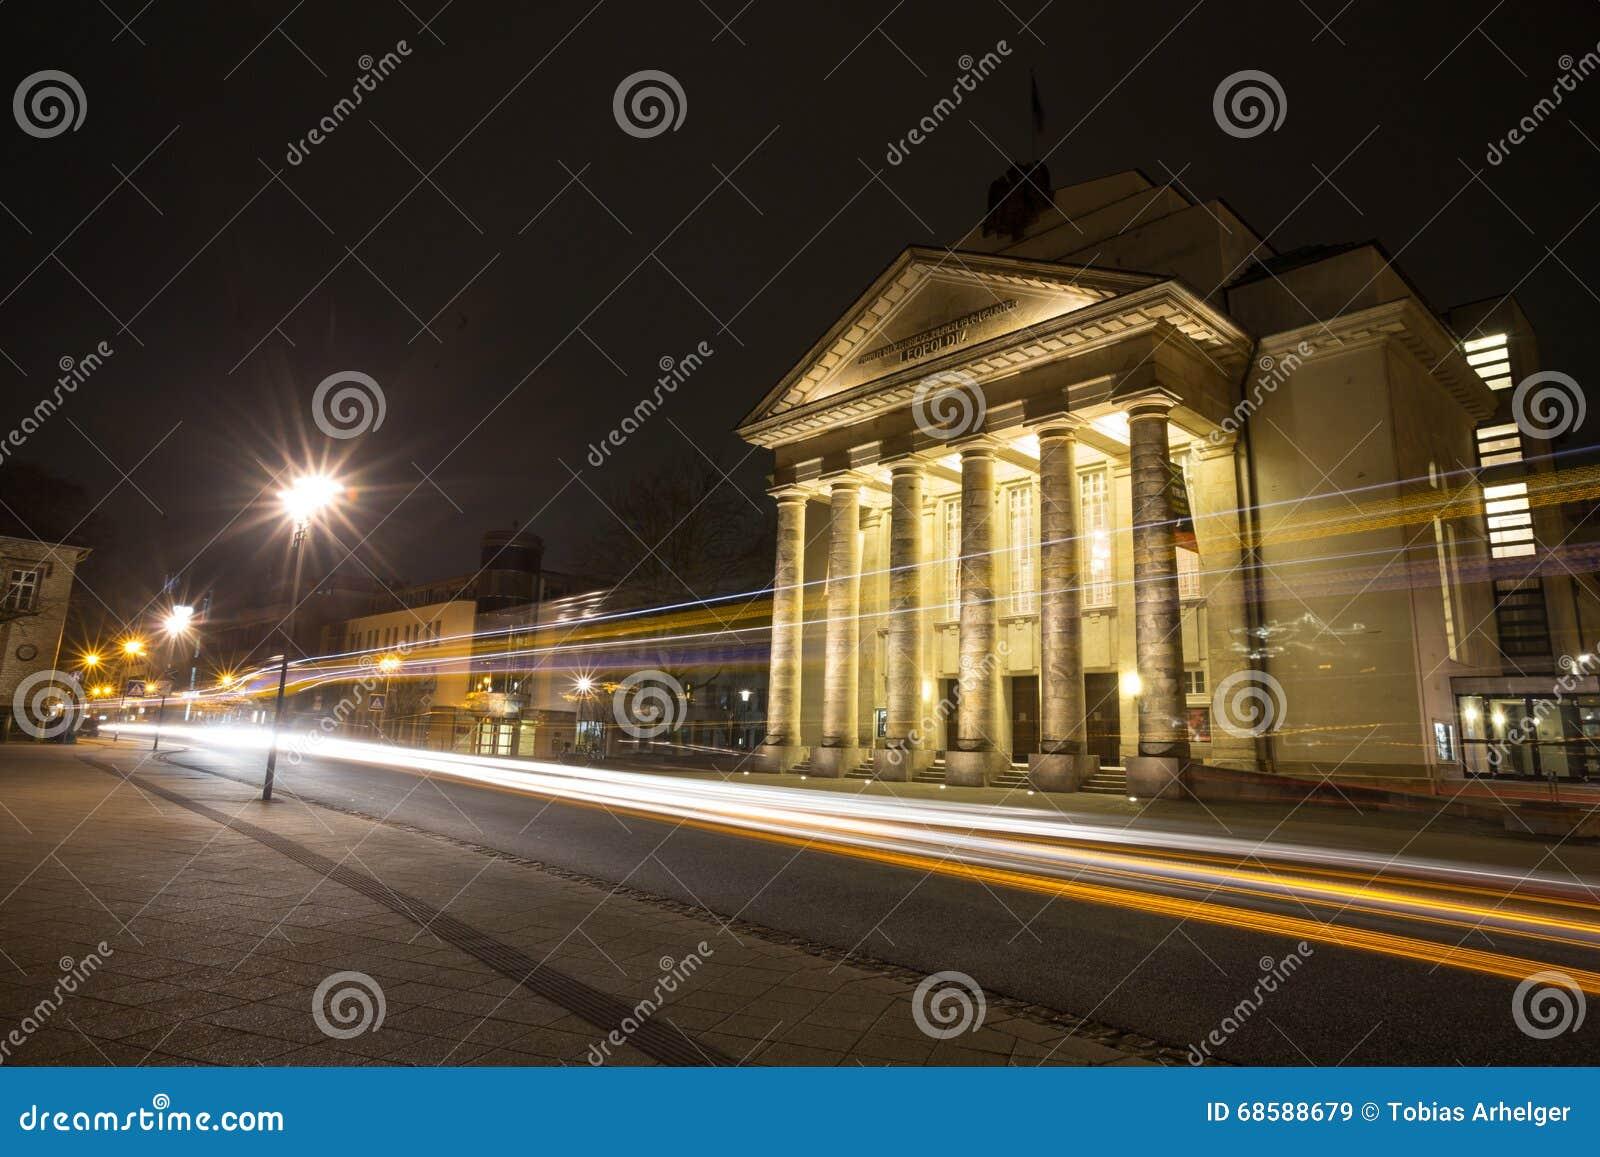 Theater detmold Deutschland am Abend mit Ampeln